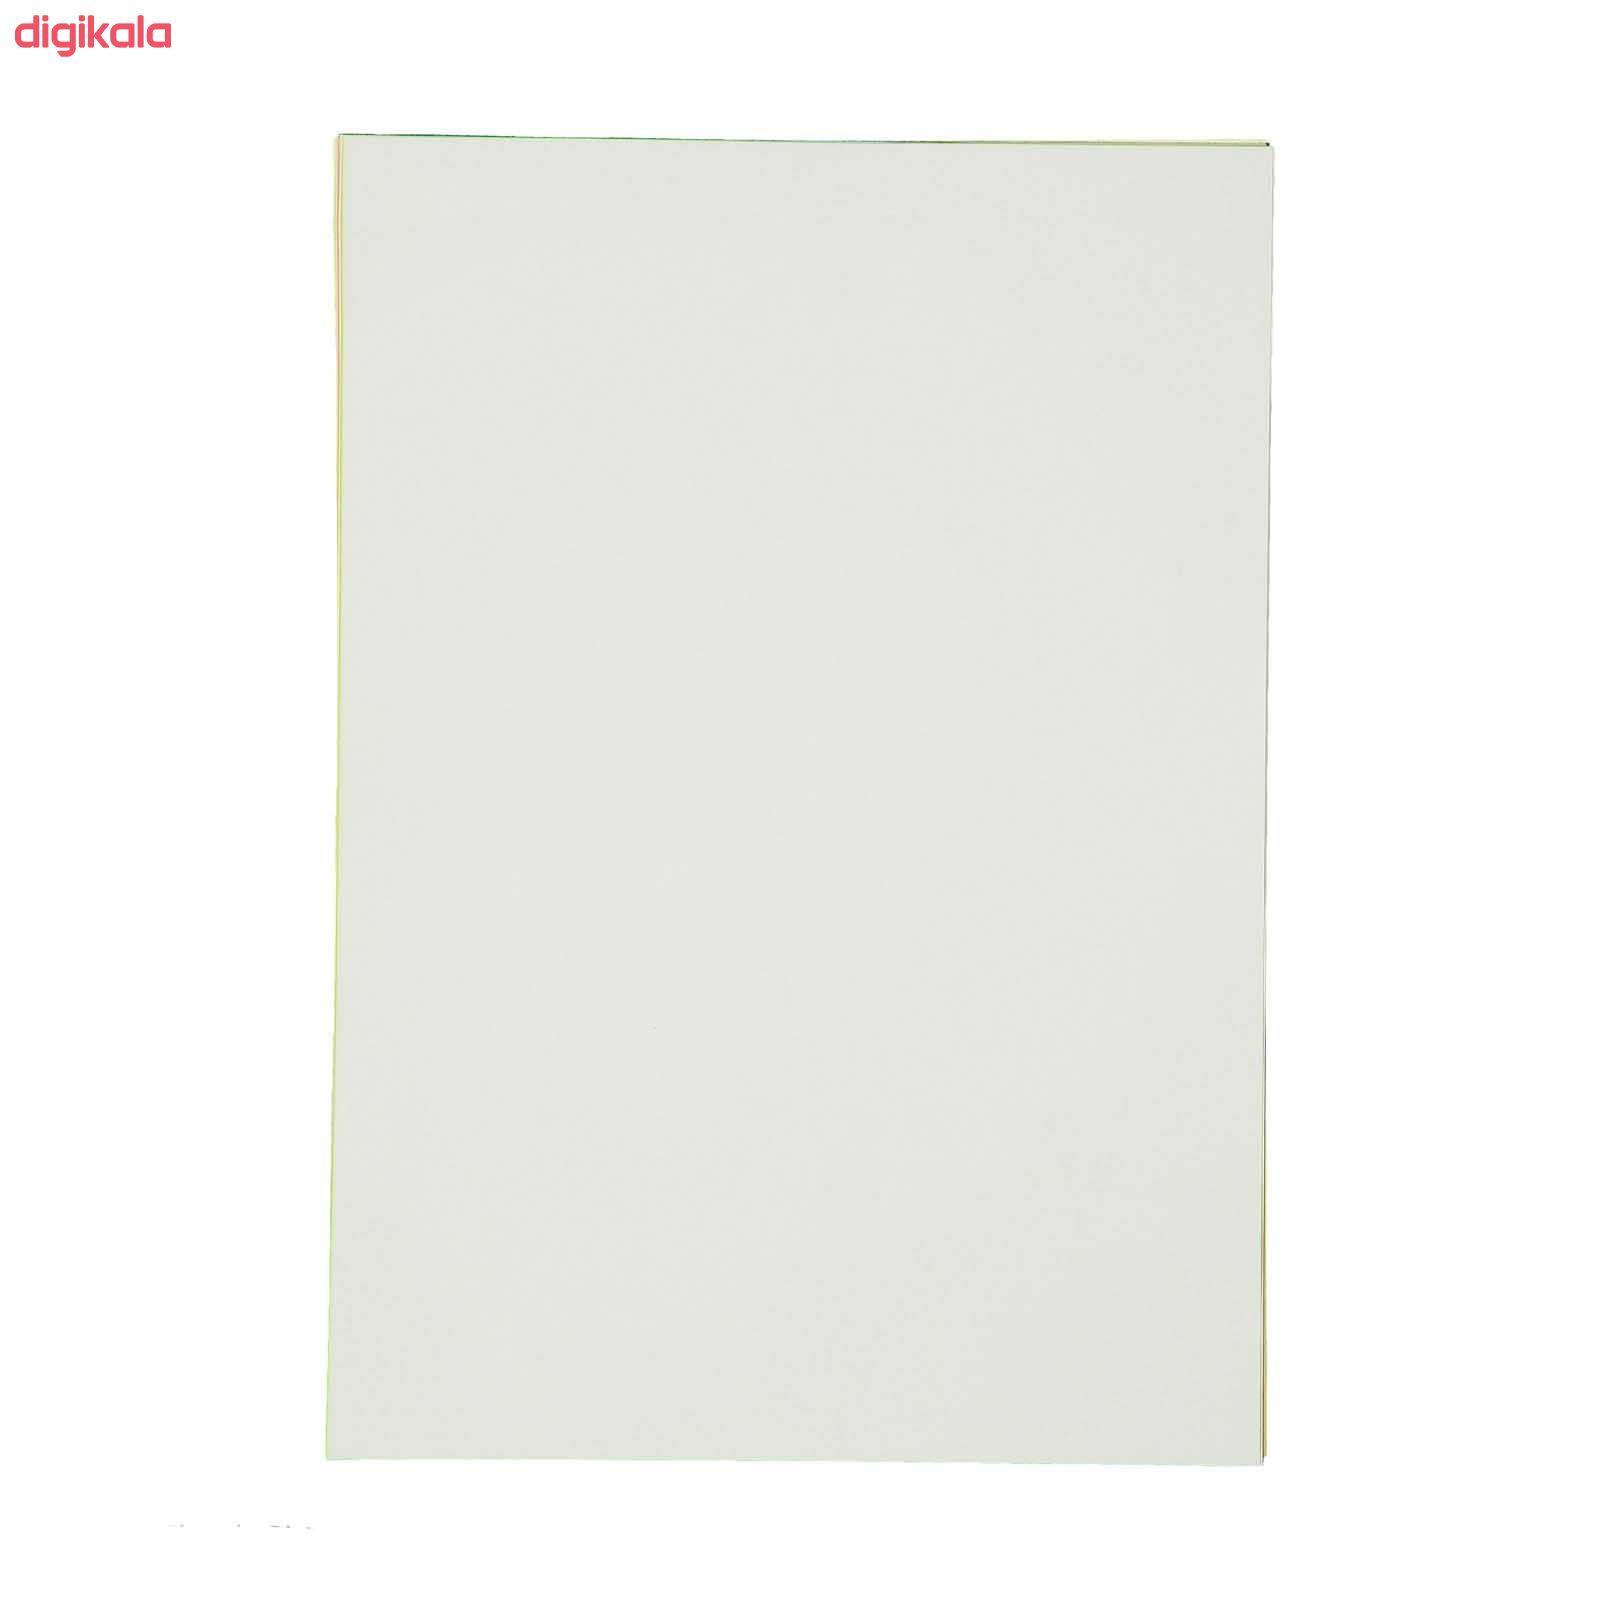 کاغذ رنگی A4 کد Pa 40 بسته 40 عددی main 1 1